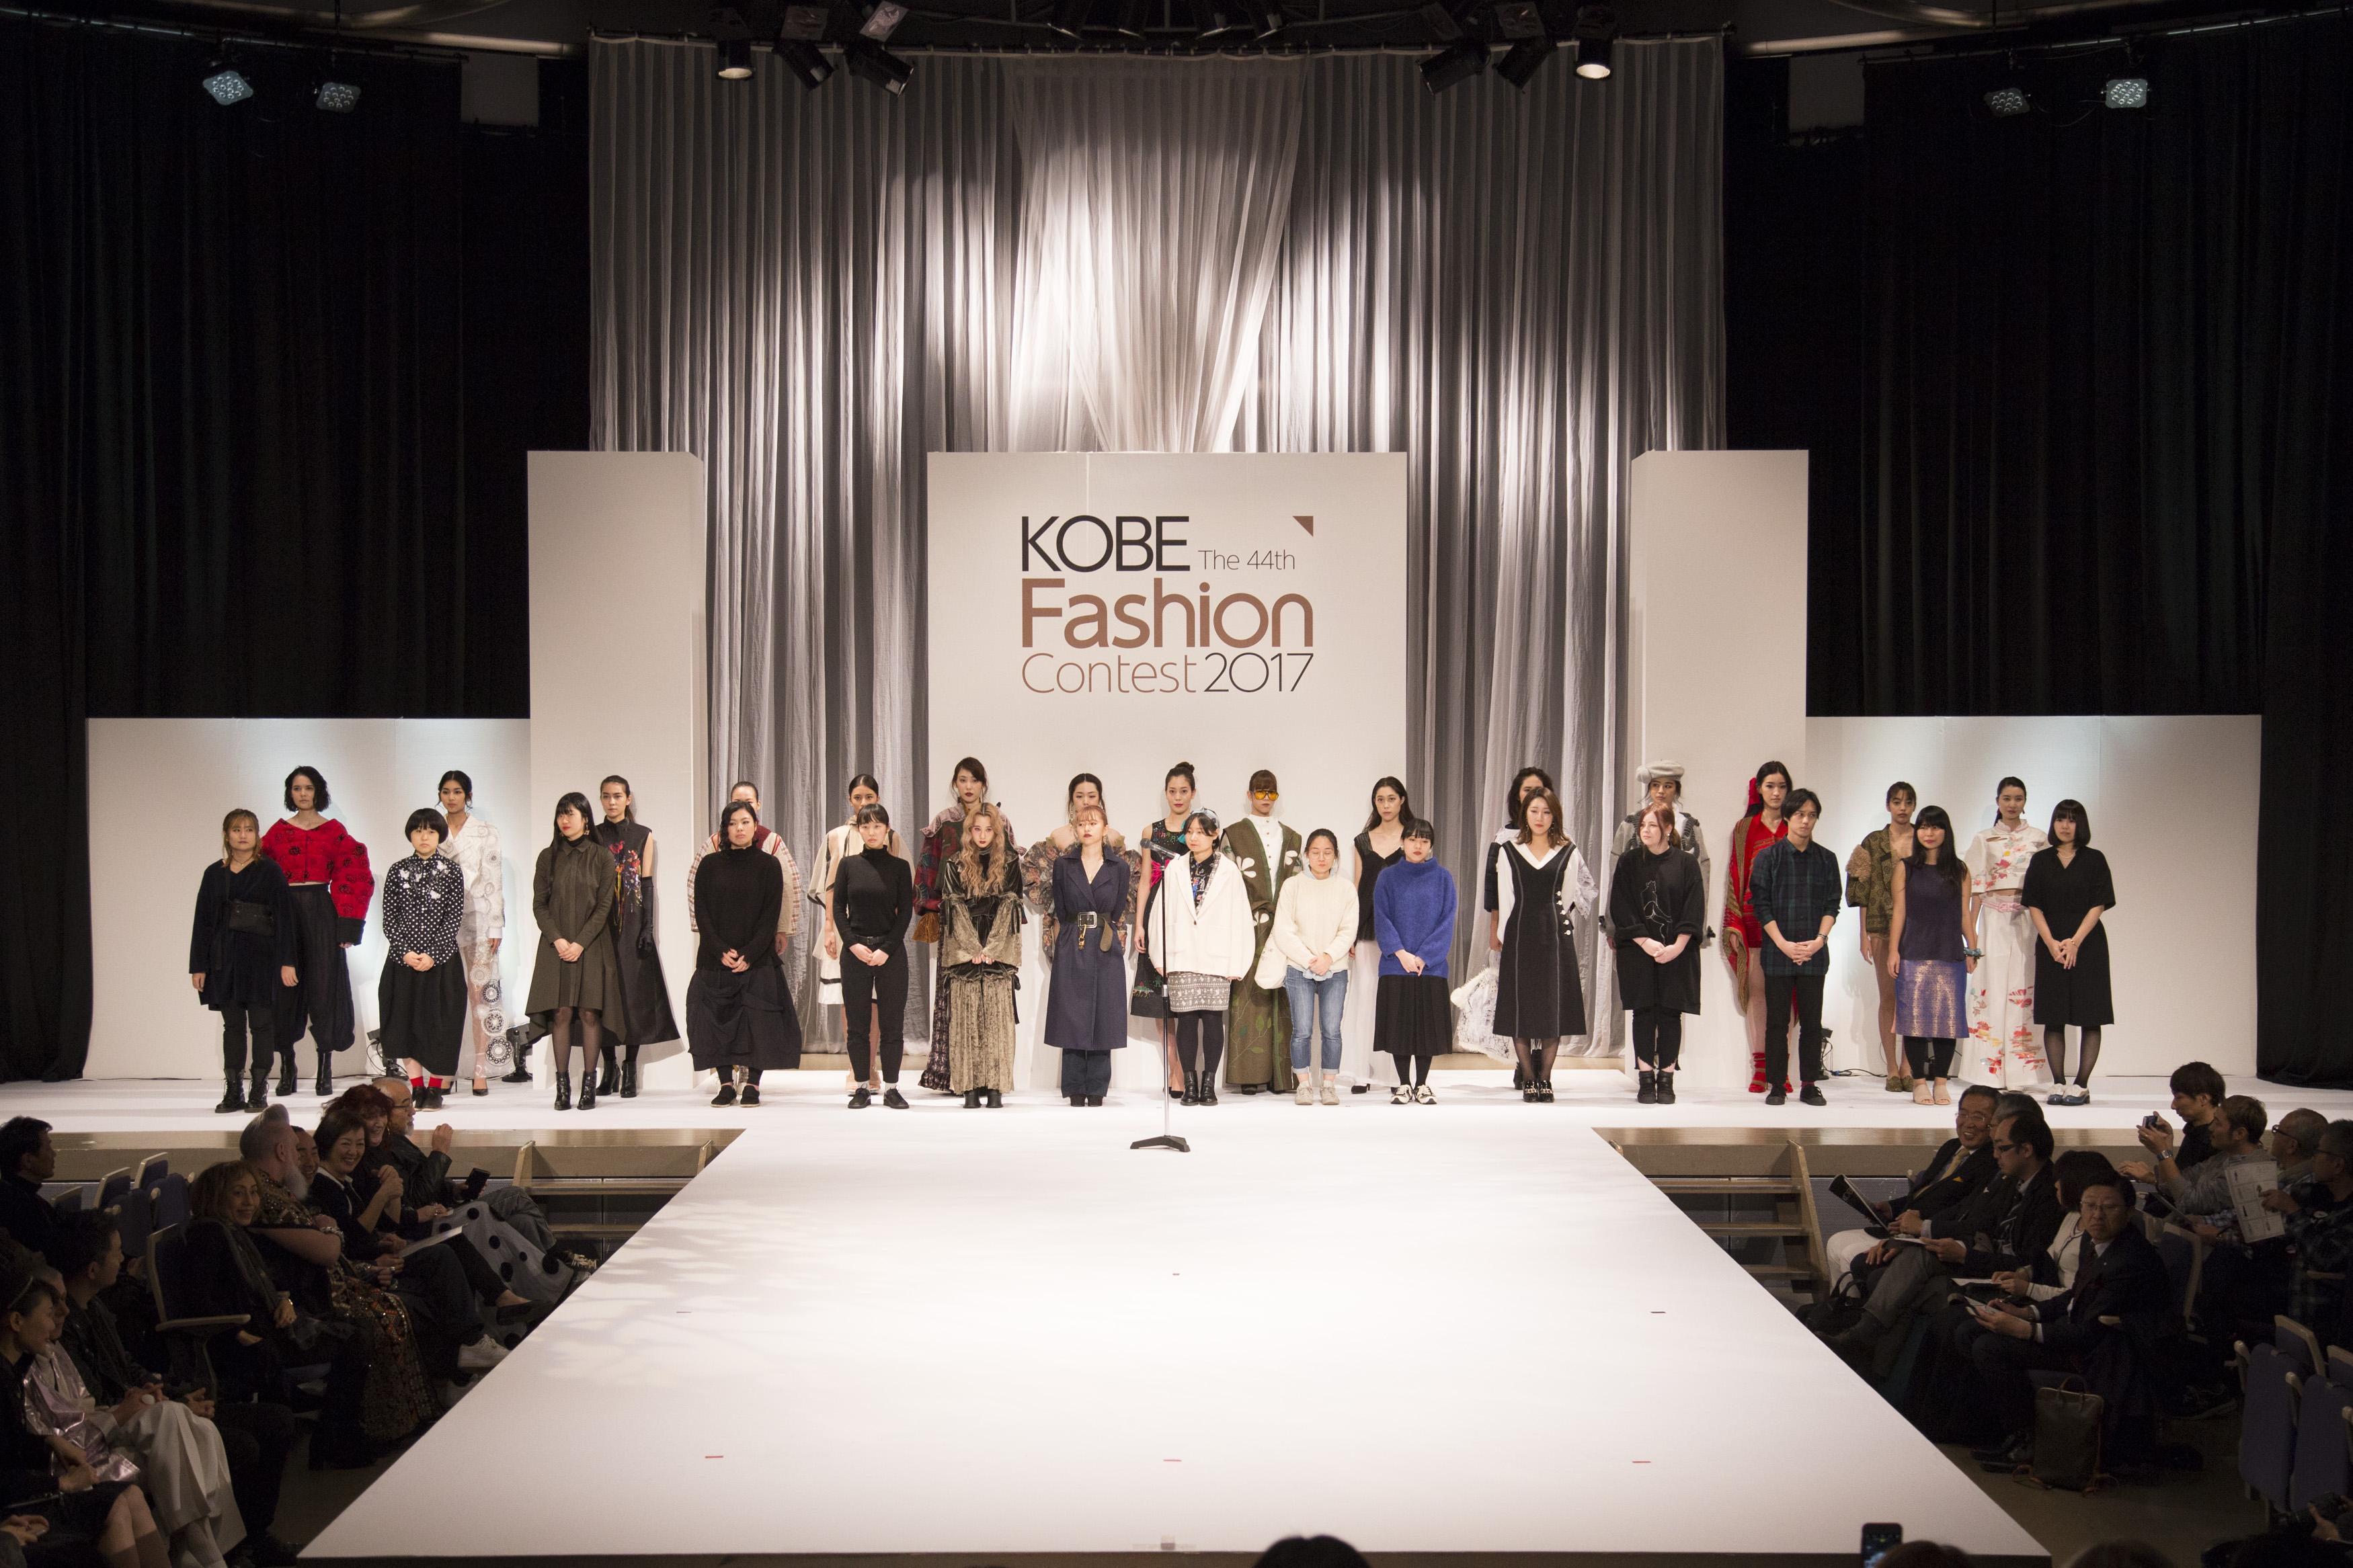 「第44回神戸ファッションコンテスト2017」で<br >在学生が特選を受賞